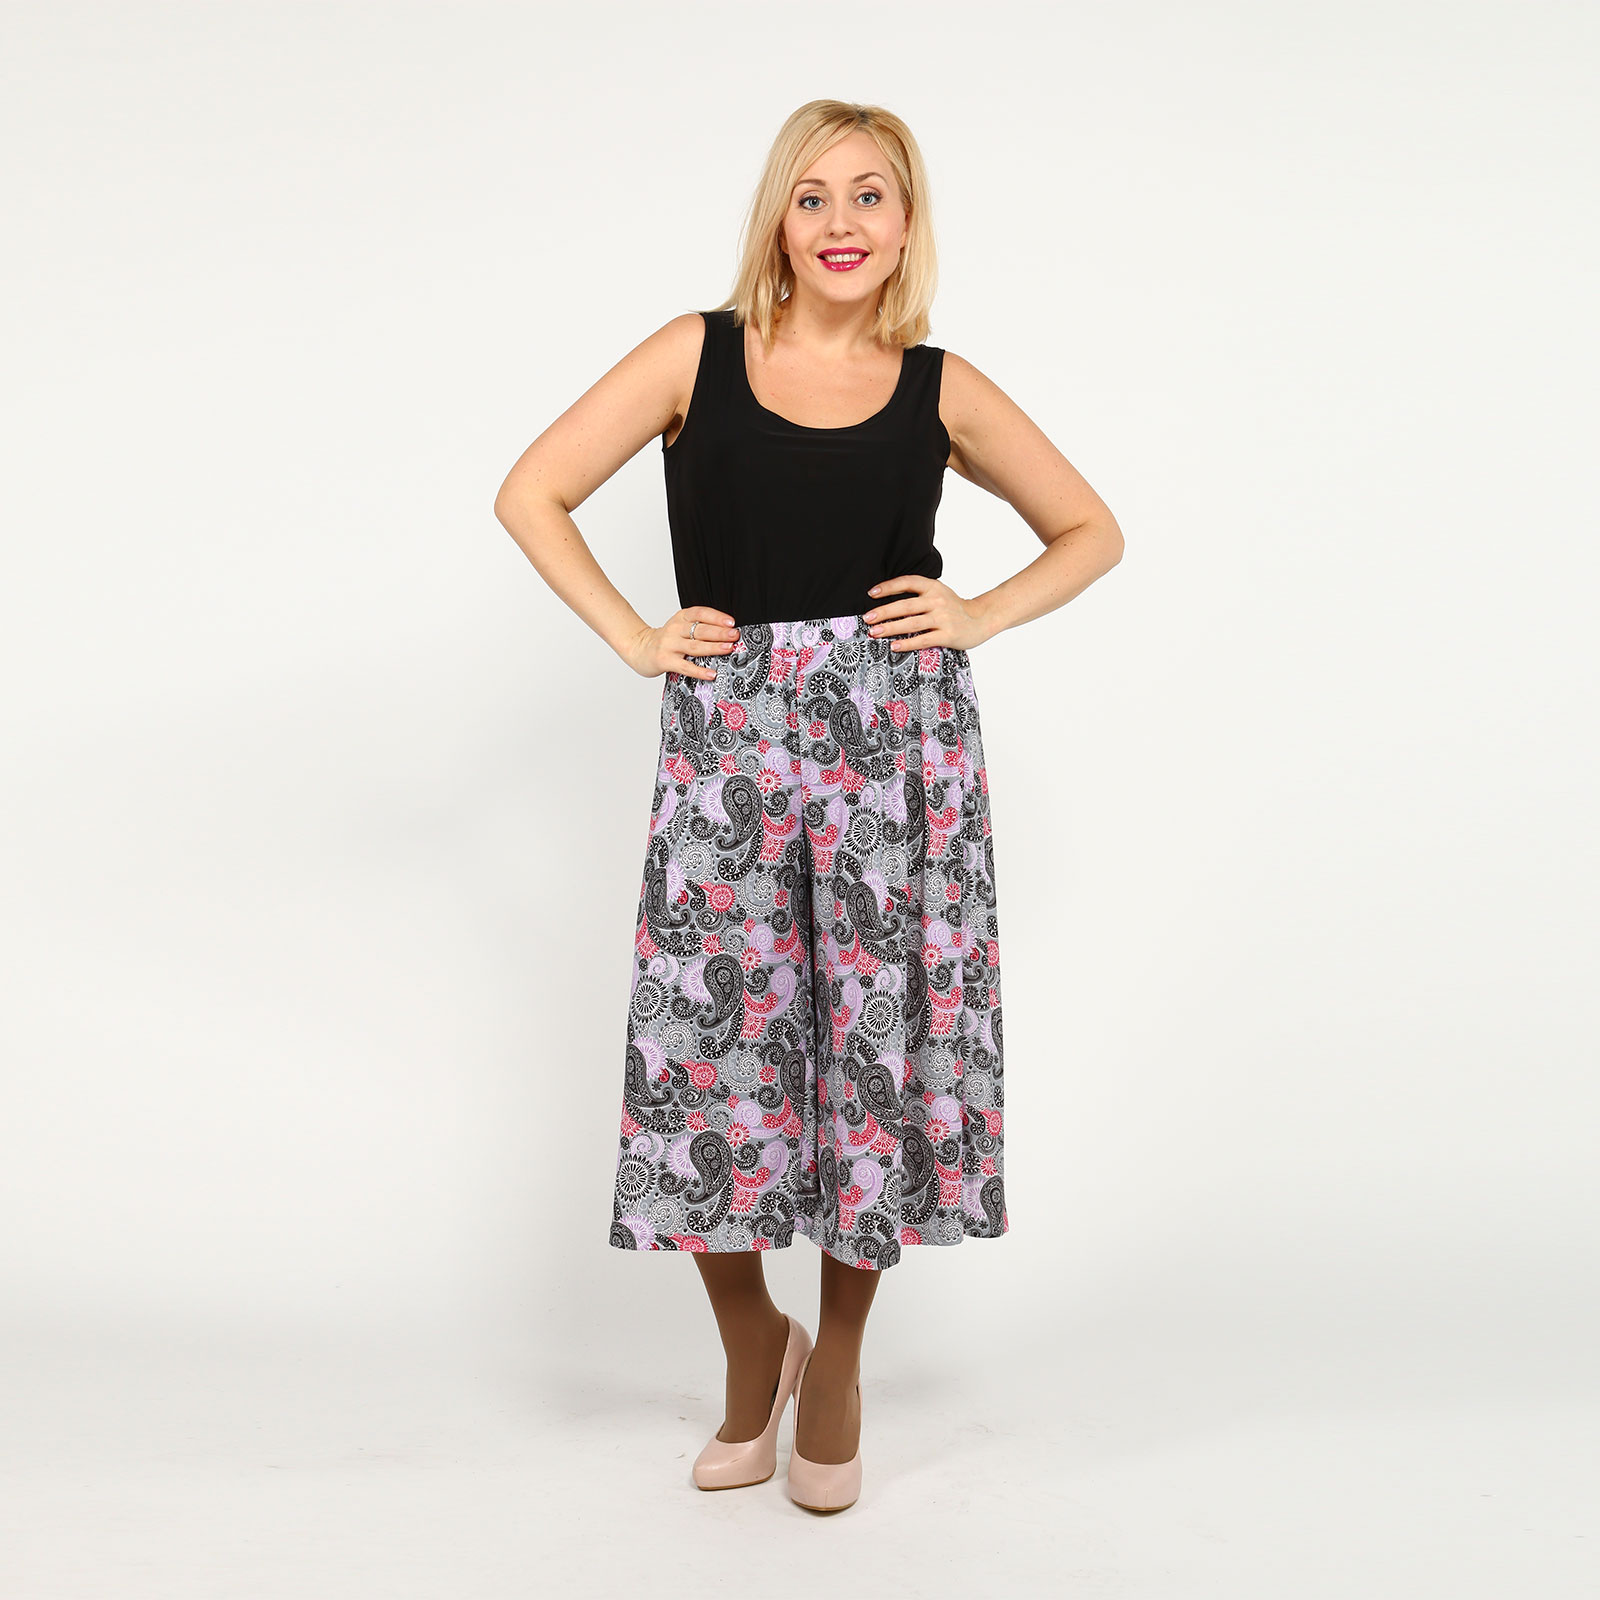 Шорты-юбка с принтом